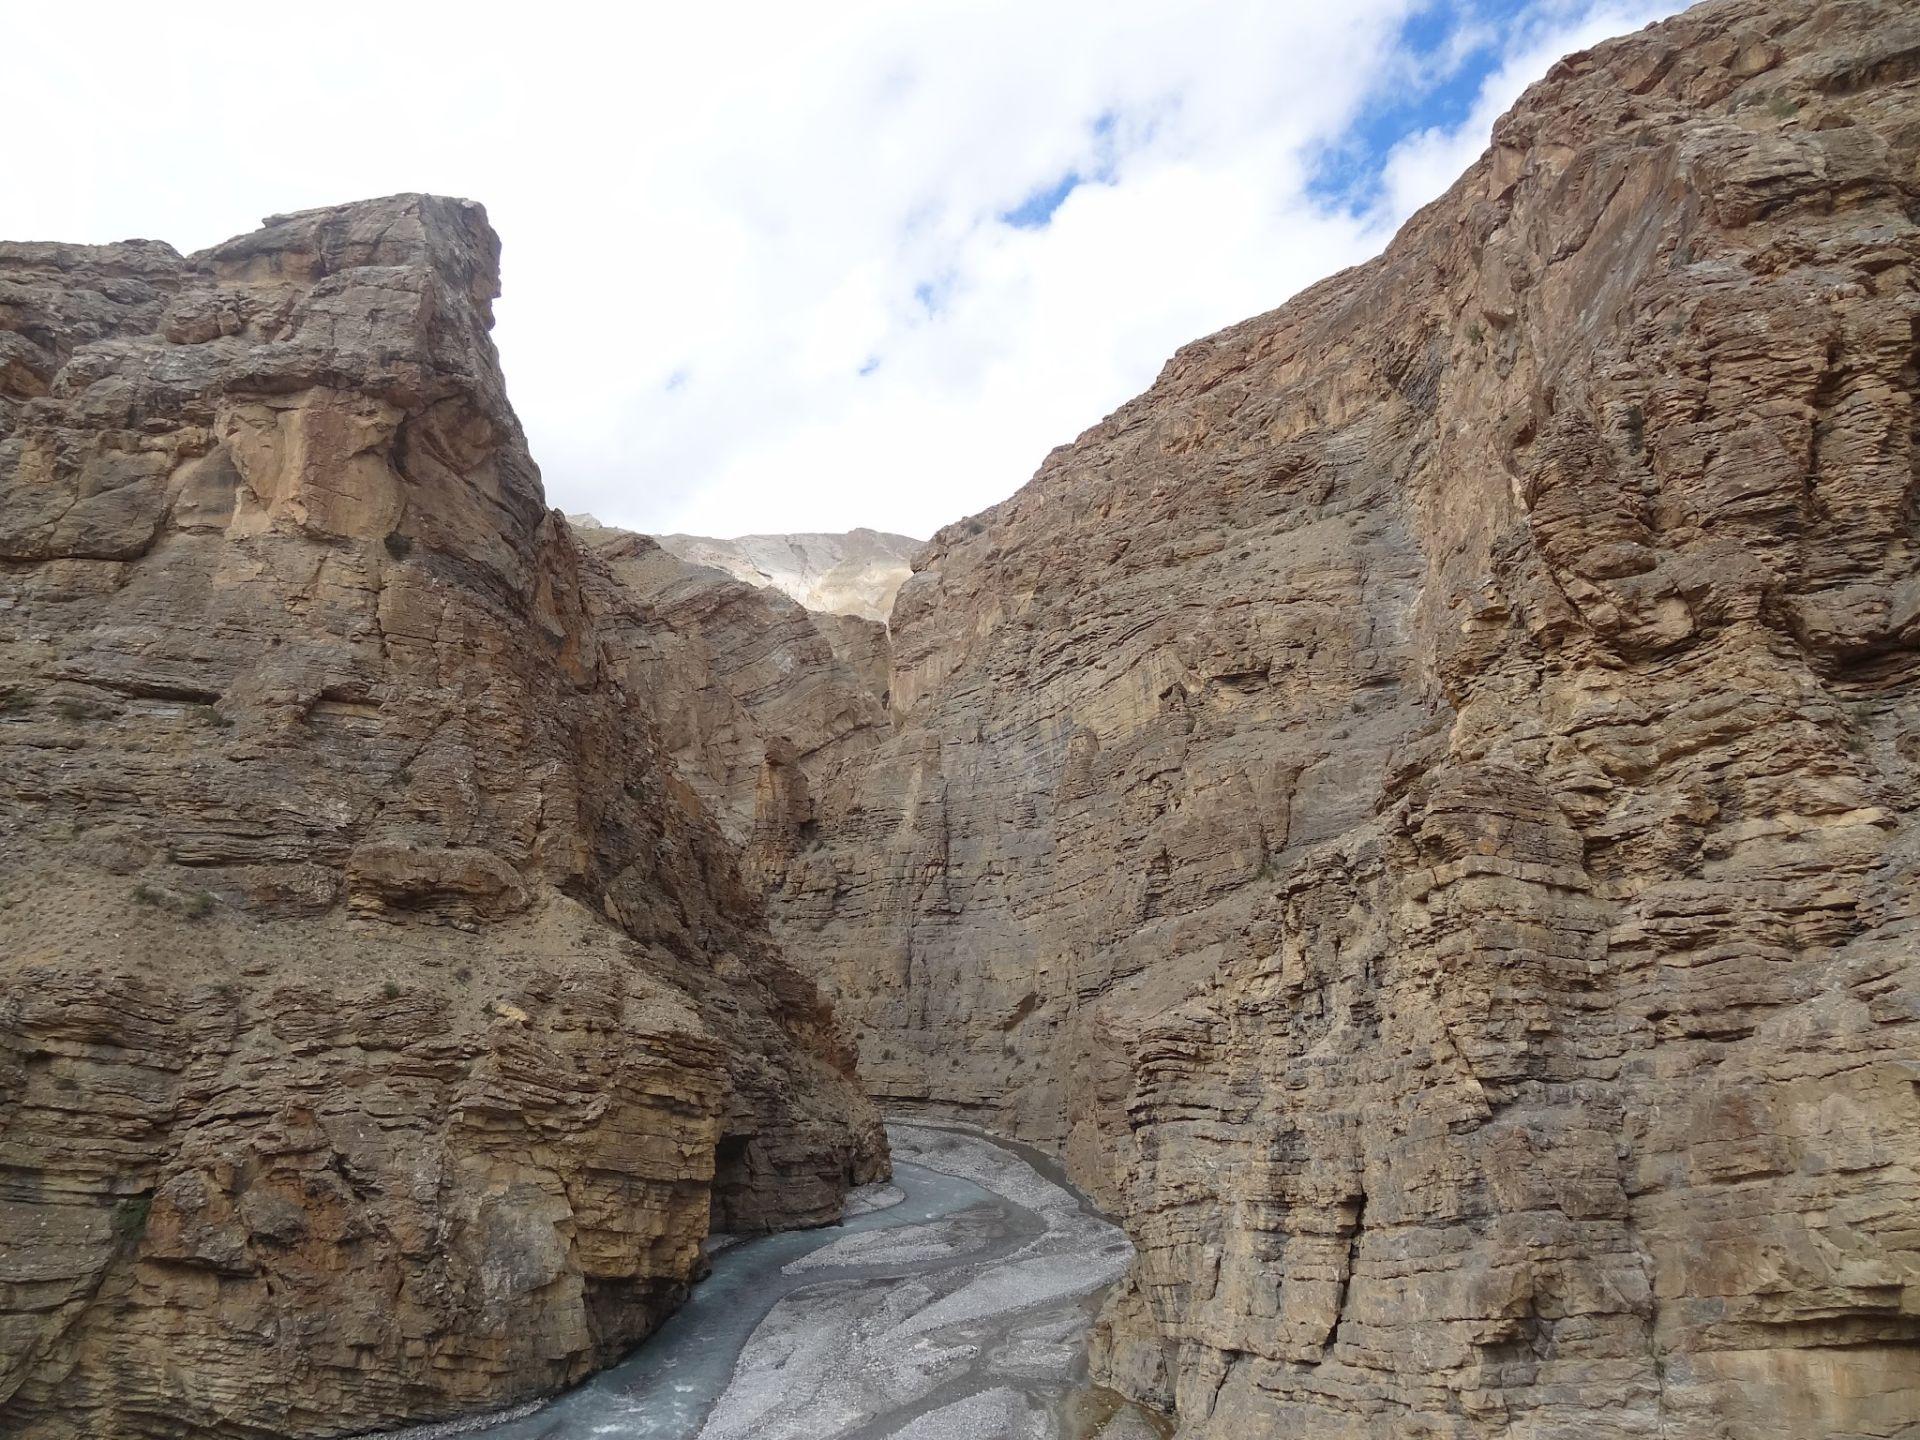 Deep Rong Nala canyon of Spiti valley